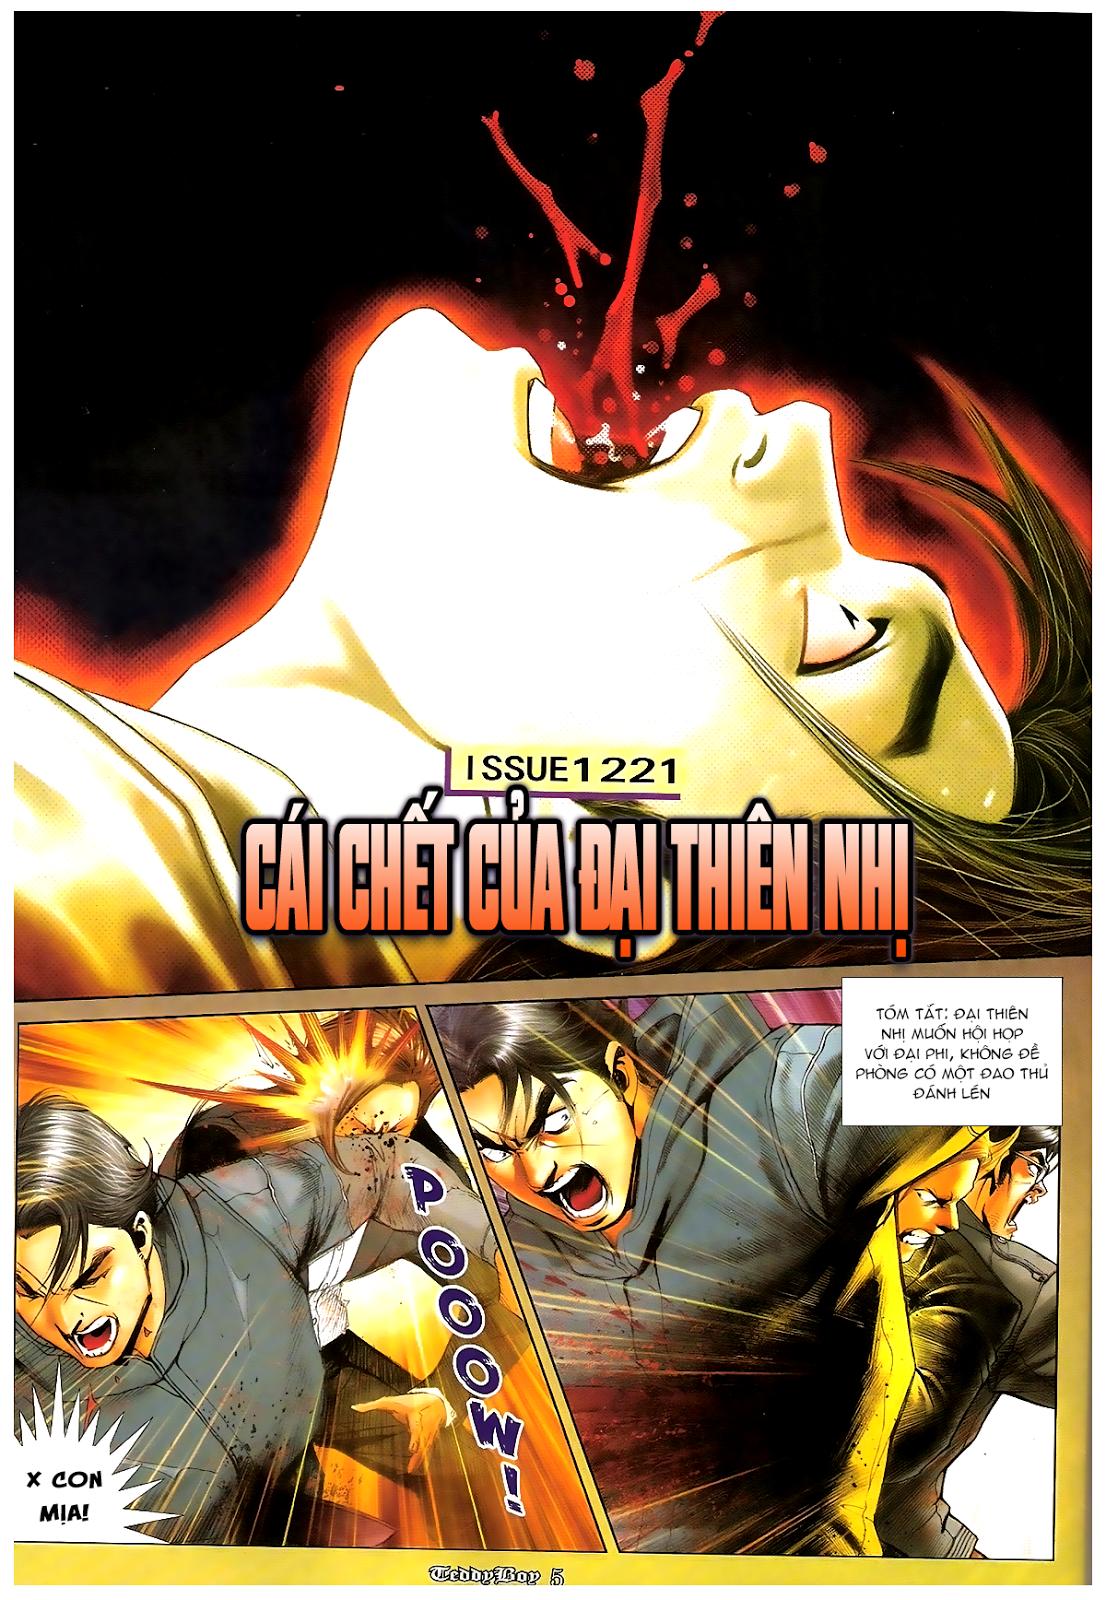 Người Trong Giang Hồ - Chapter 1221: Cái chết Đại Thiên Nhị - Pic 2